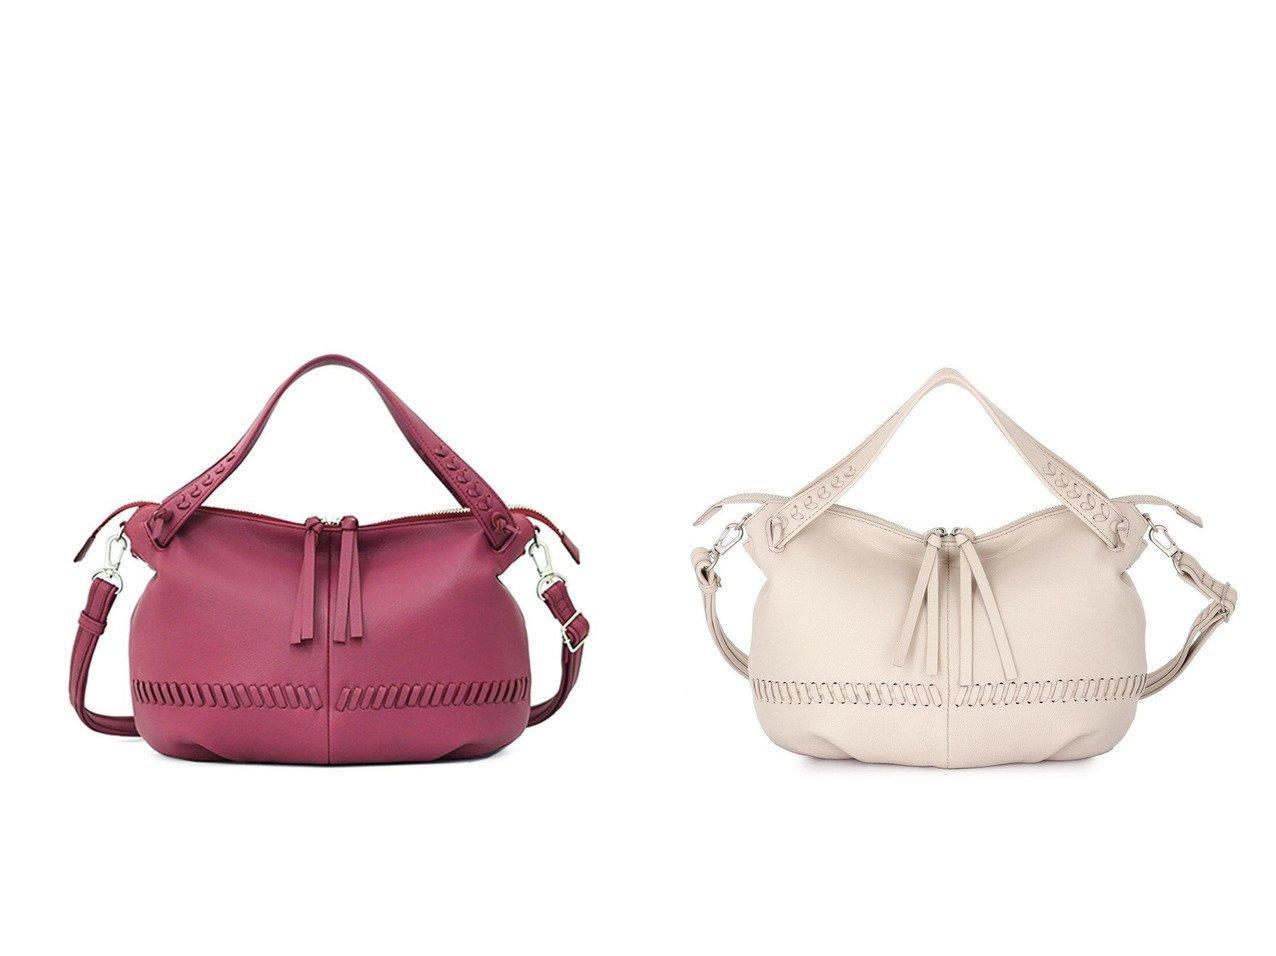 【IBIZA/イビサ】のビシータ やぎ革 2WAYバッグ(M) 【バッグ・鞄】おすすめ!人気、トレンド・レディースファッションの通販 おすすめで人気の流行・トレンド、ファッションの通販商品 インテリア・家具・メンズファッション・キッズファッション・レディースファッション・服の通販 founy(ファニー) https://founy.com/ ファッション Fashion レディースファッション WOMEN 春 Spring ショルダー フォルム ポケット 冬 Winter 送料無料 Free Shipping  ID:crp329100000066476